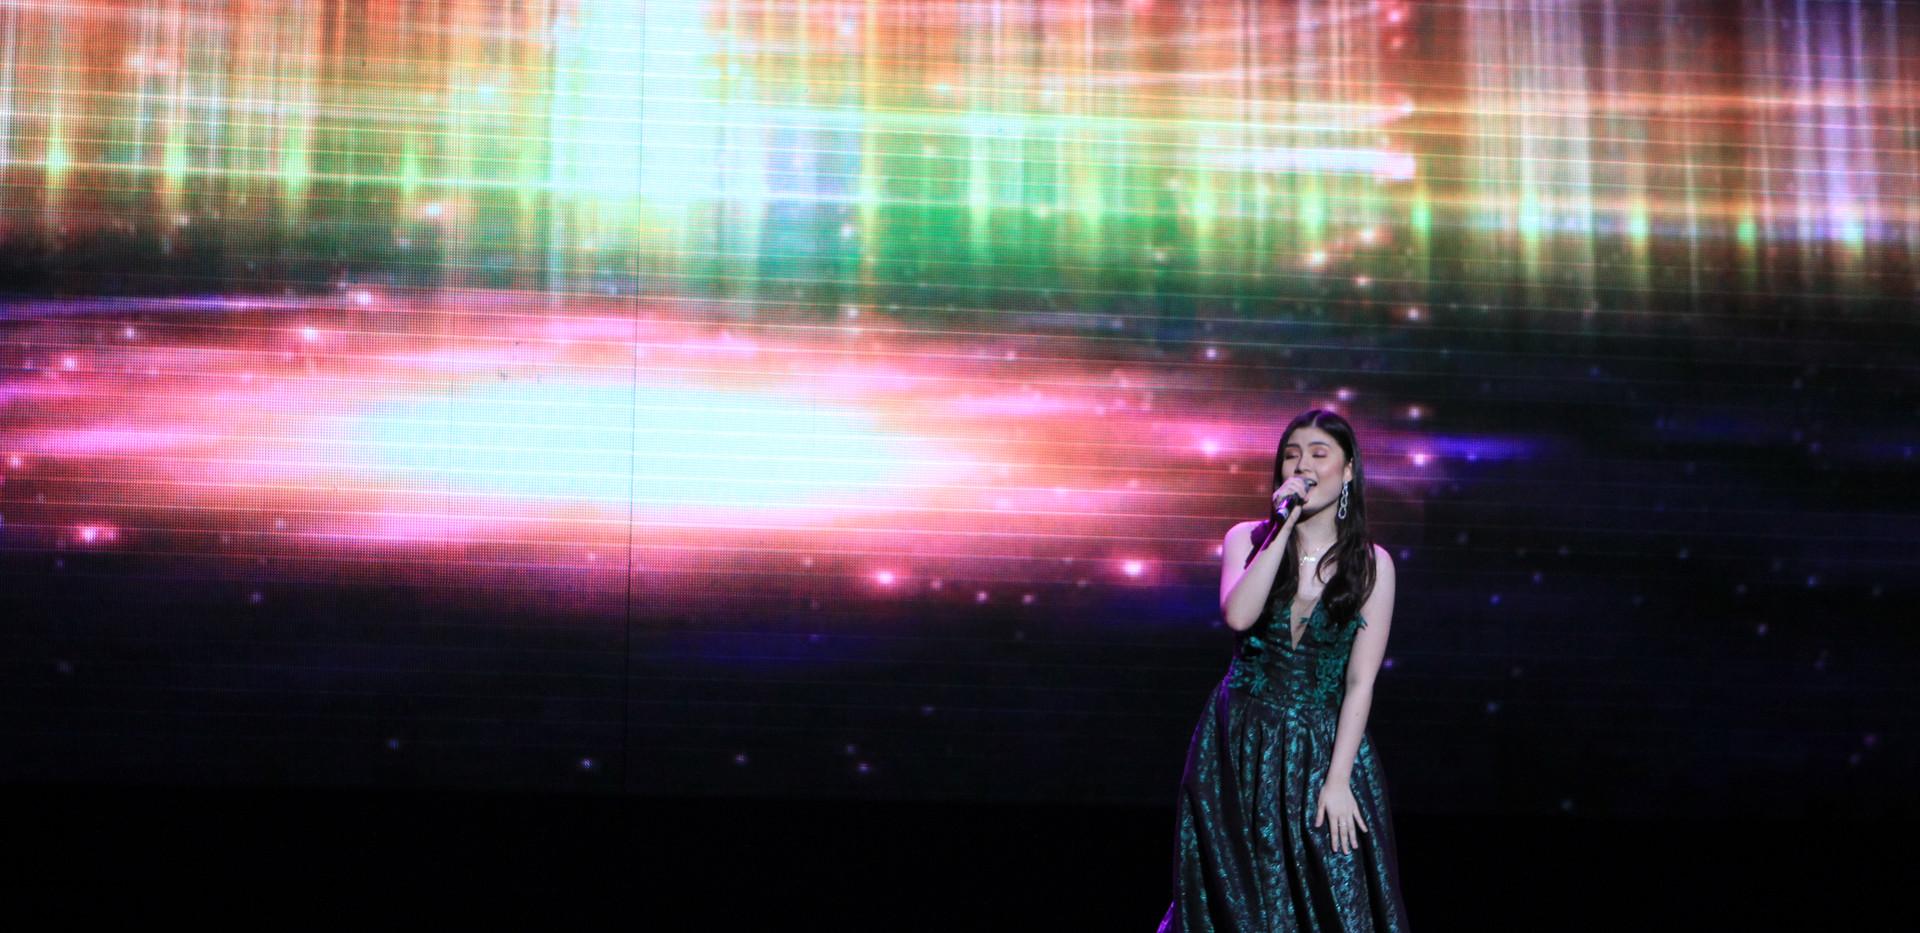 Performer: Yna Angela